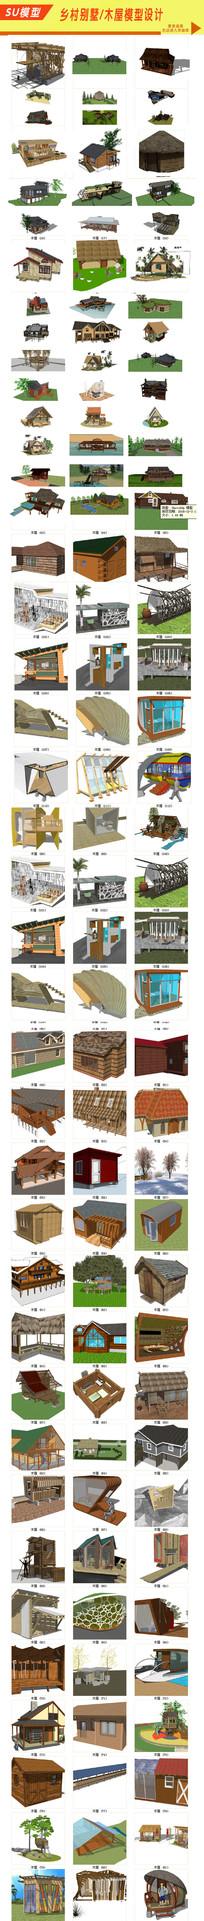 乡村木屋模型建筑设计